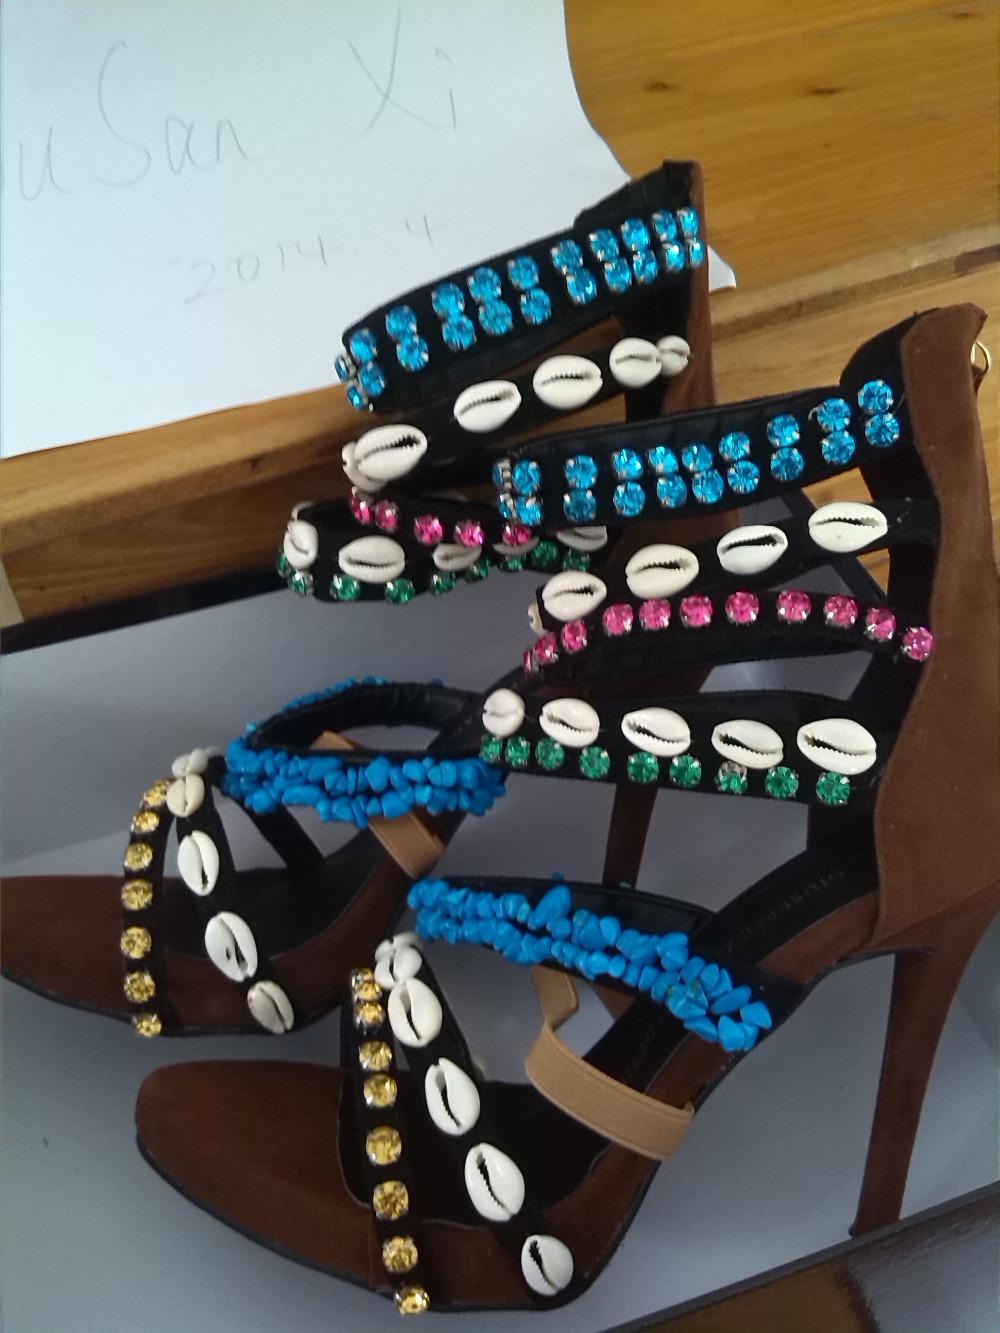 бренда качества дучший кристаллический шарик летом сандалии gz джузеппе натуральной кожи высокий каблук женская zanotty свадьба ботинки ботинки, принадлежащий категории Сандалии и относящийся к Обувь на сайте AliExpress.com